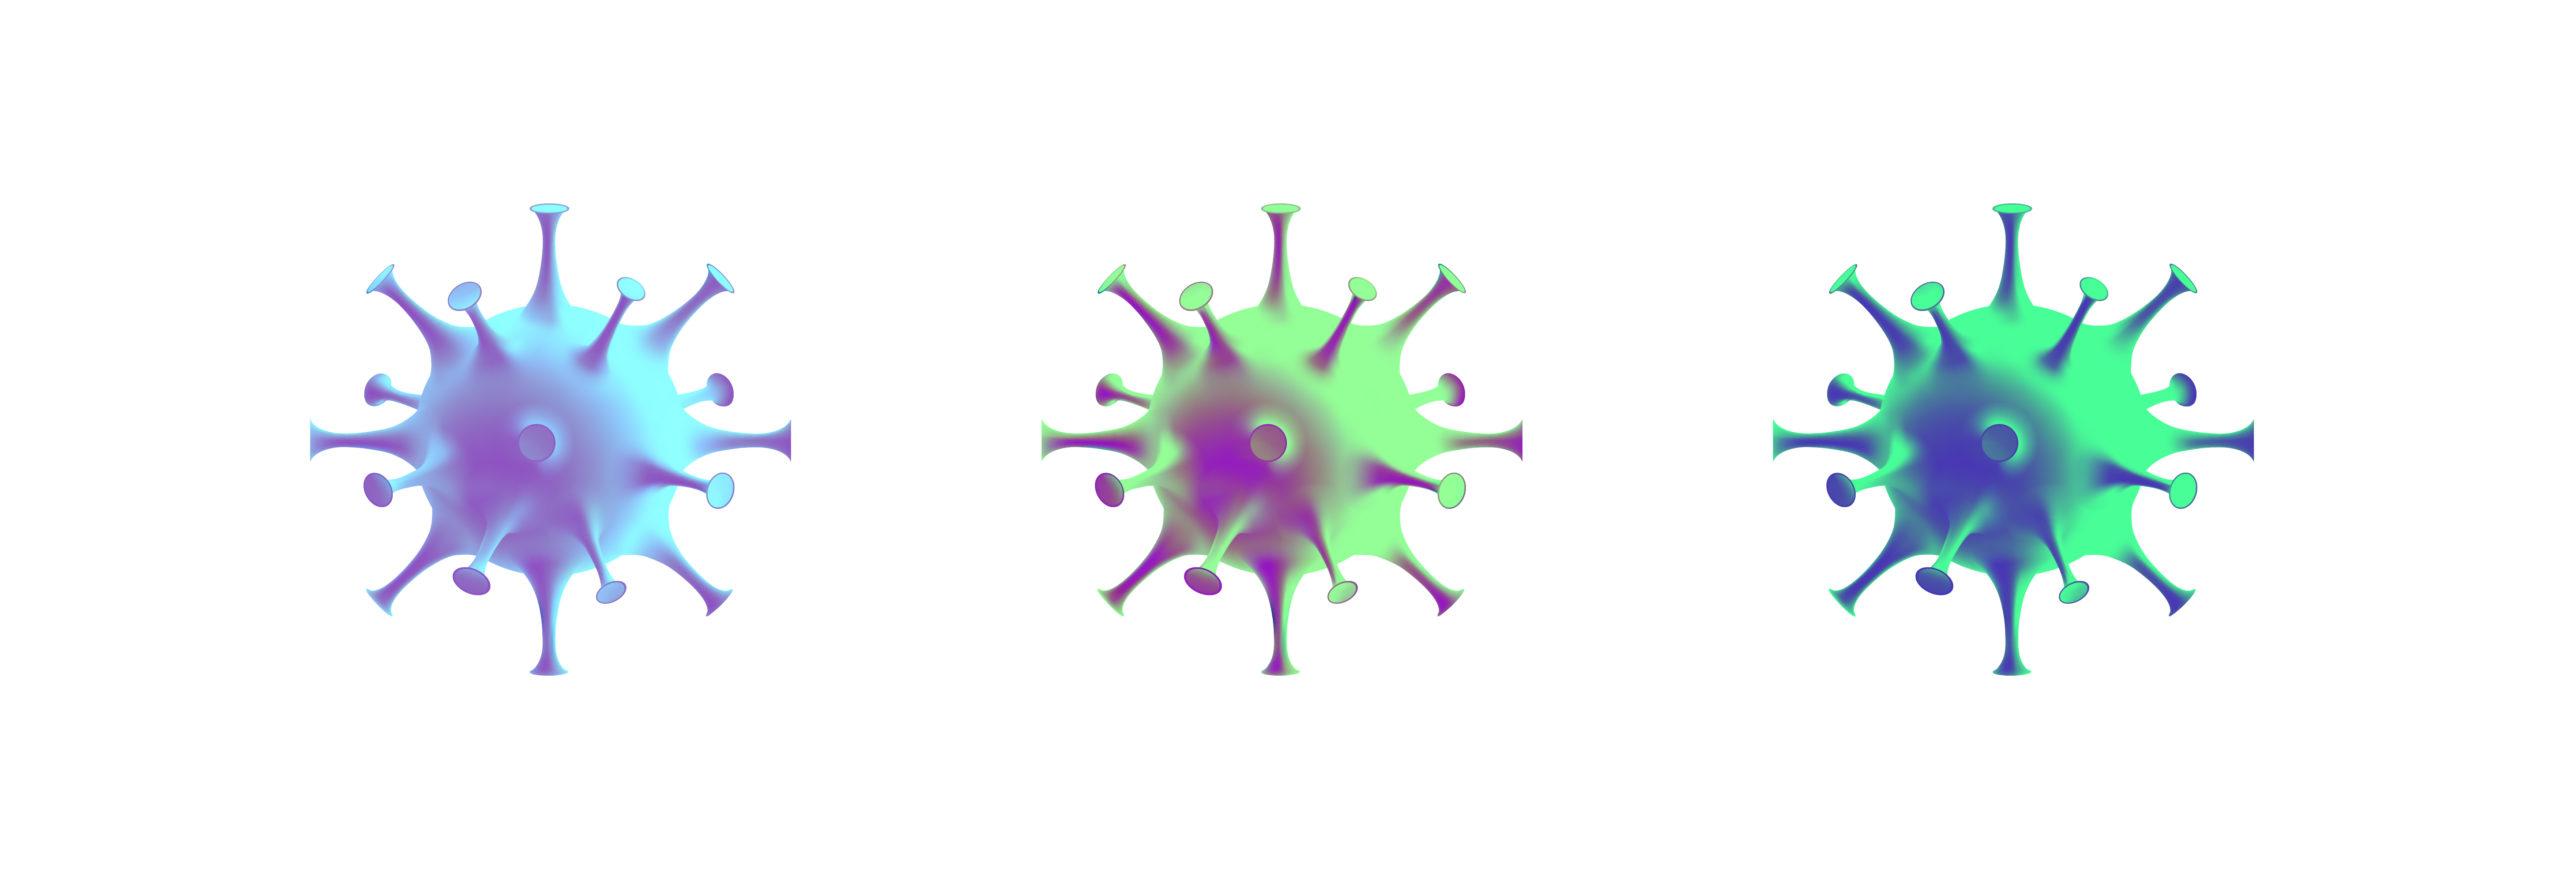 Global Economy Bound to Suffer from Coronavirus Fever